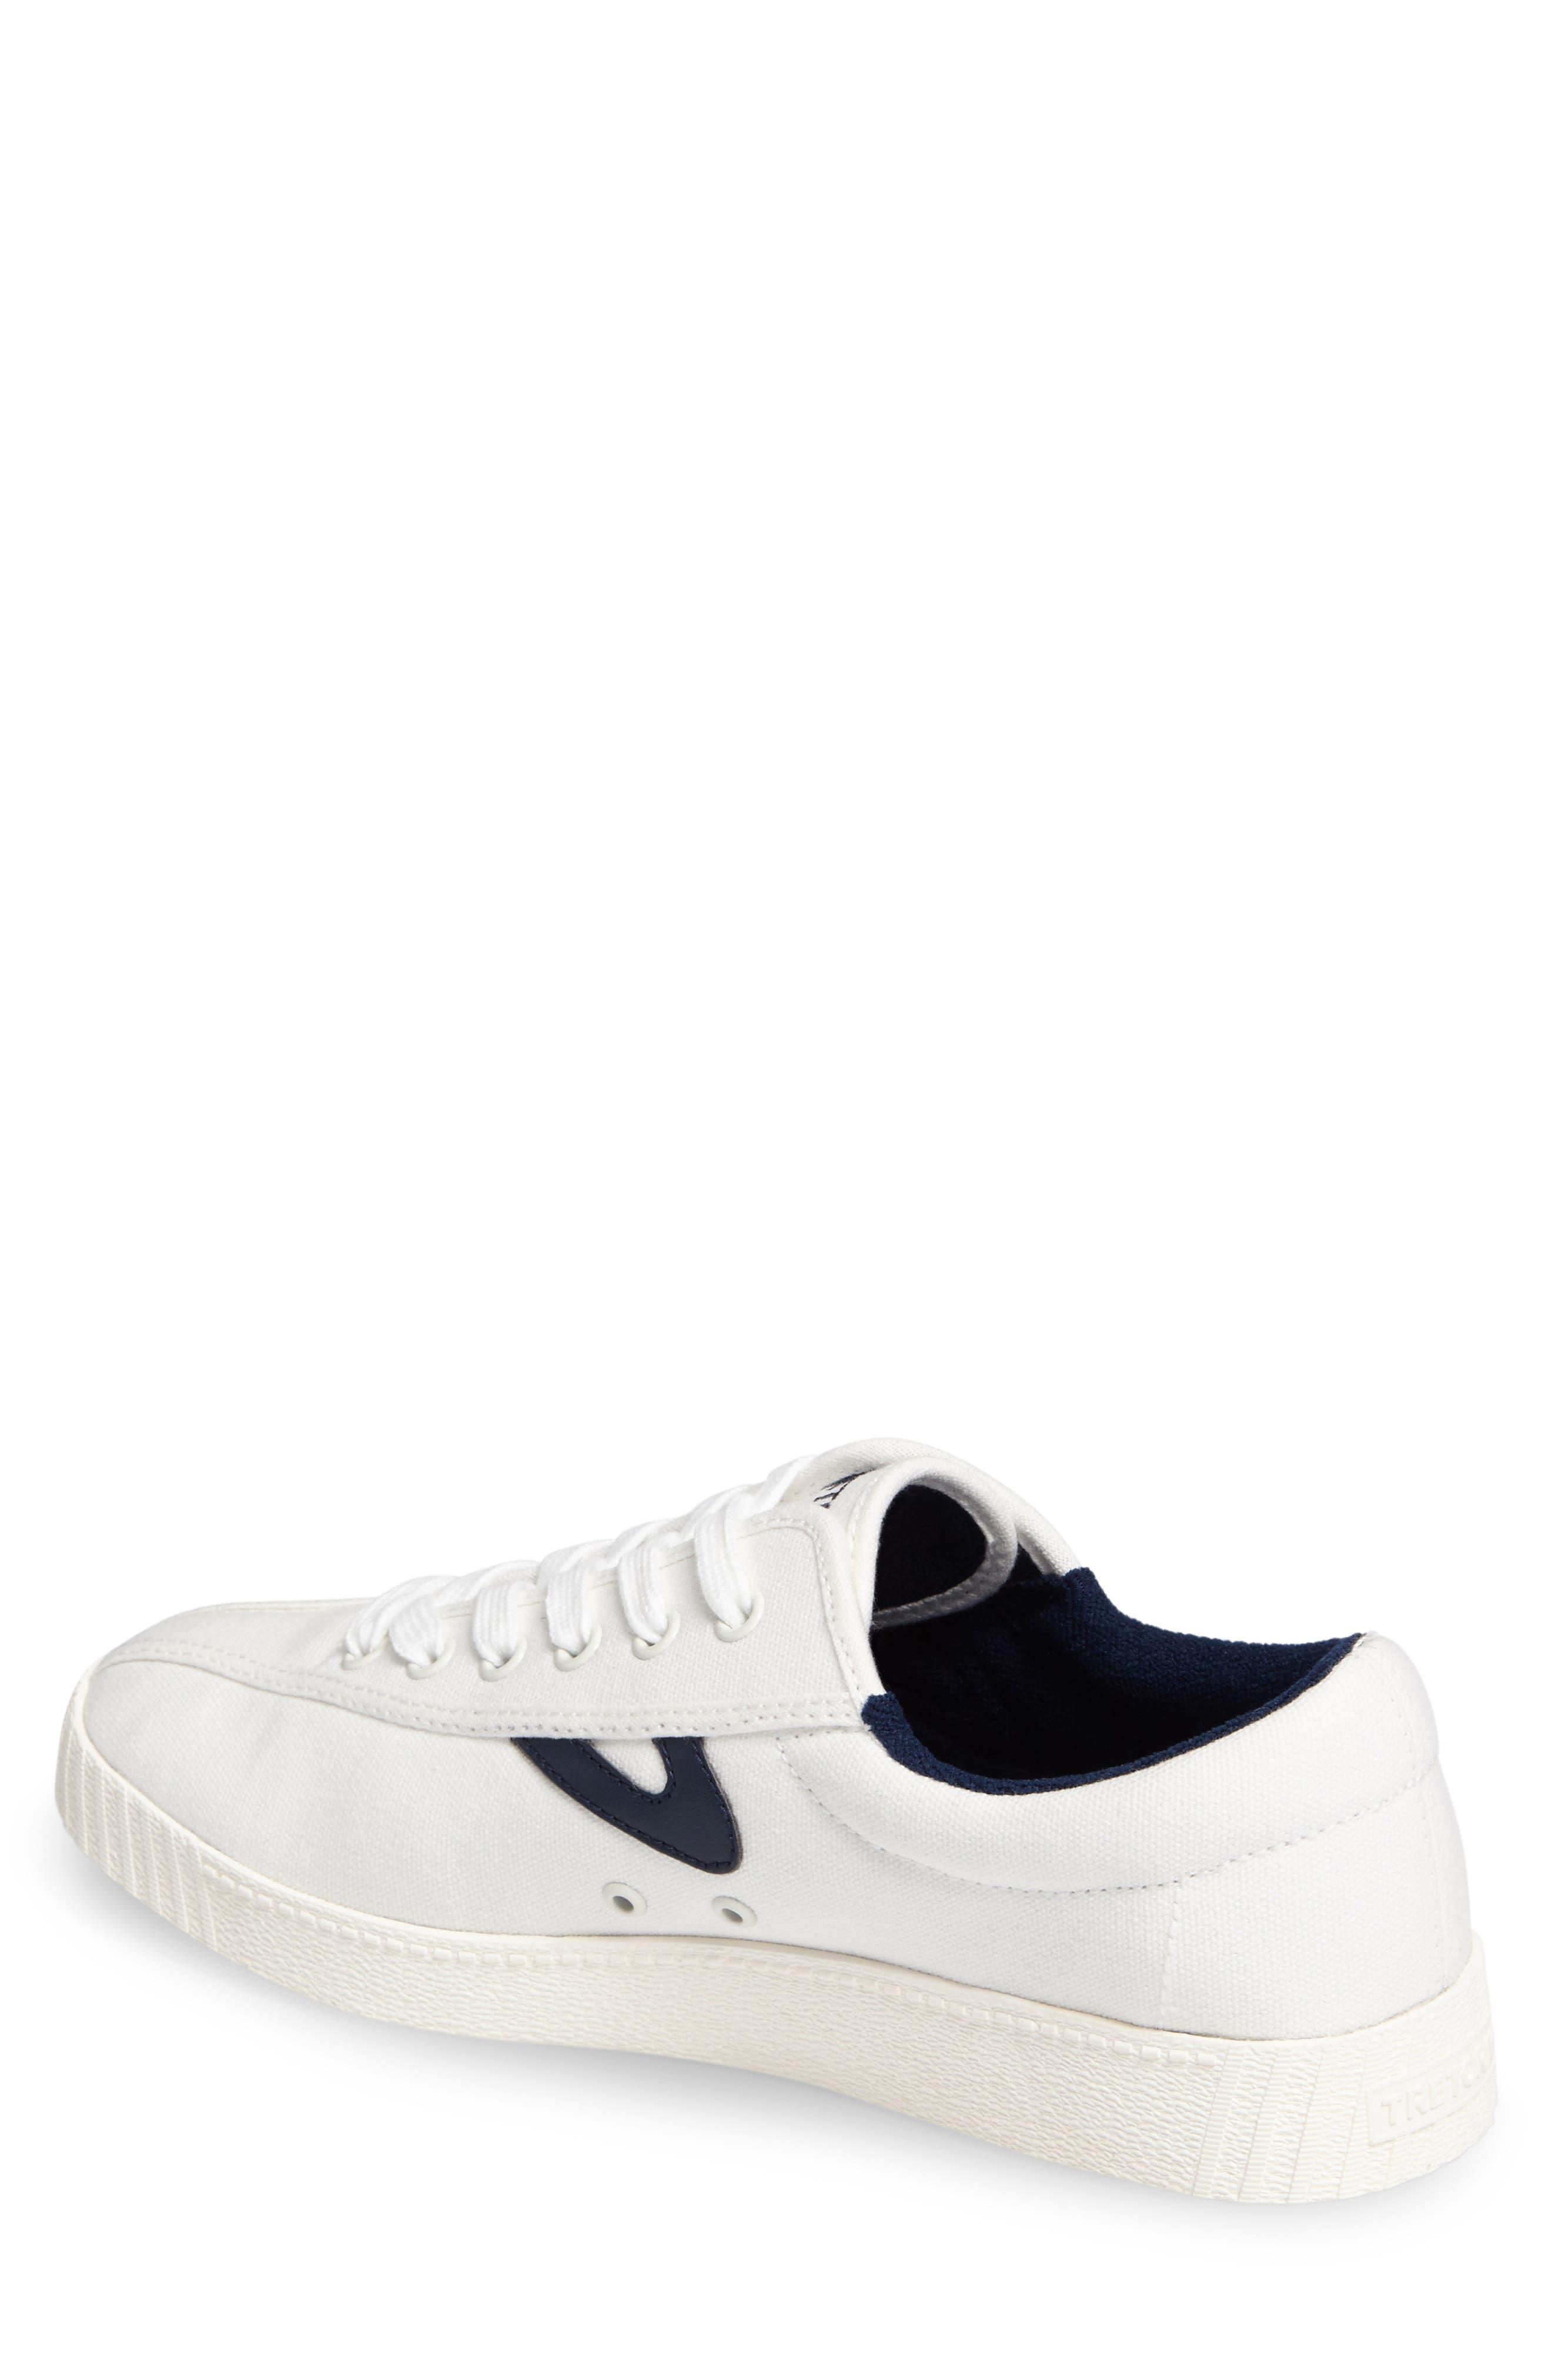 Nylite Plus Sneaker,                             Alternate thumbnail 2, color,                             WHITE/ WHITE/ NIGHT CANVAS